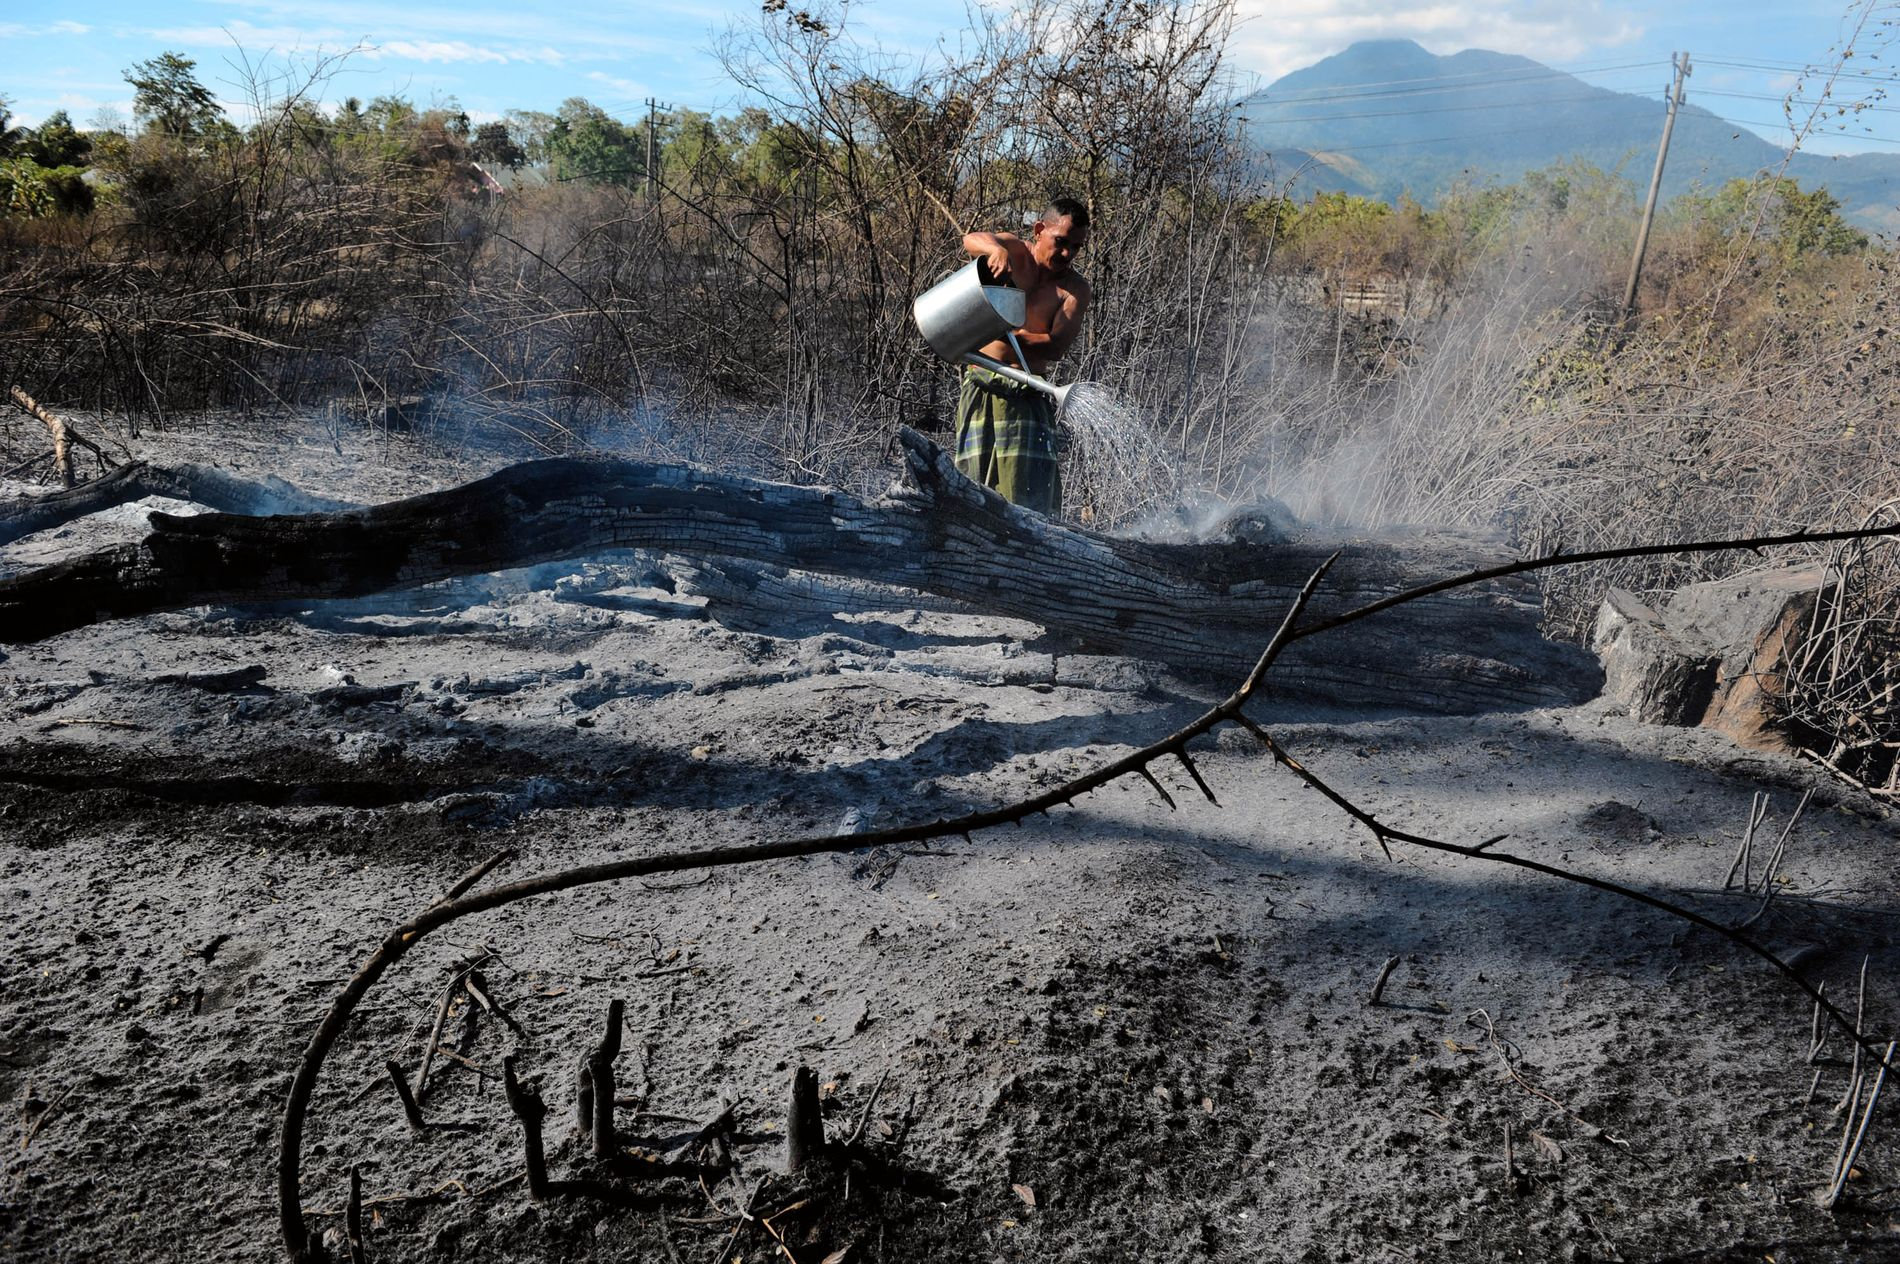 BRENNER NED SKOGEN: For å åpne for landbruk og palmeoljeplantasjer ødelegges myr og regnskog i Indonesia.